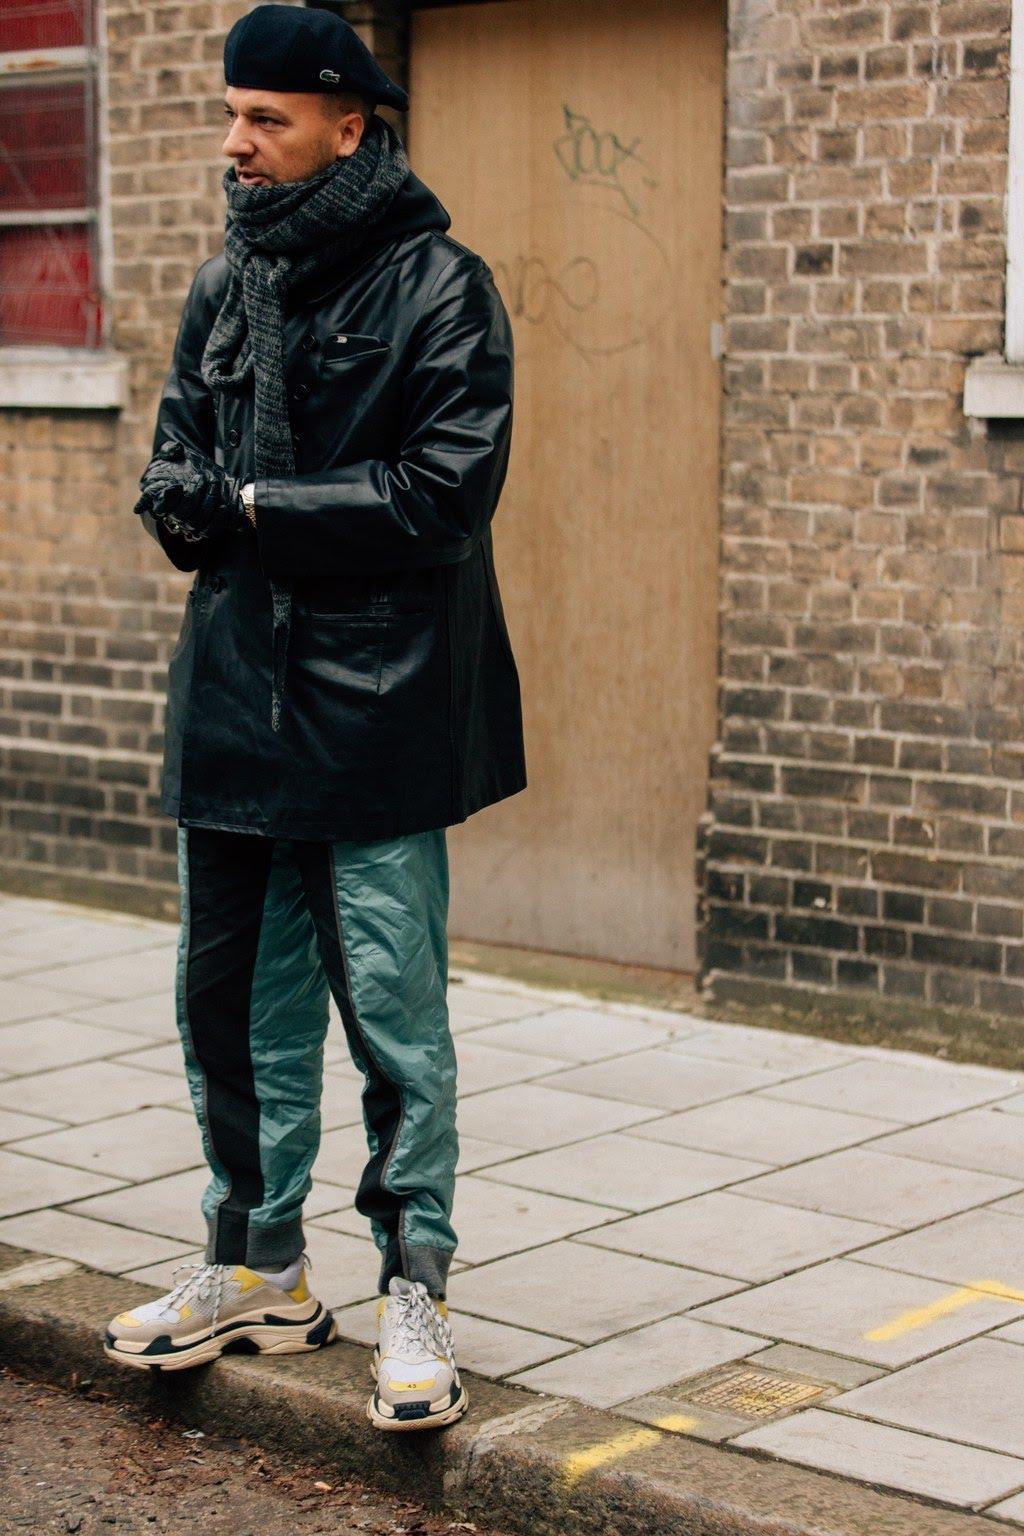 Male Urban Fashion 2019